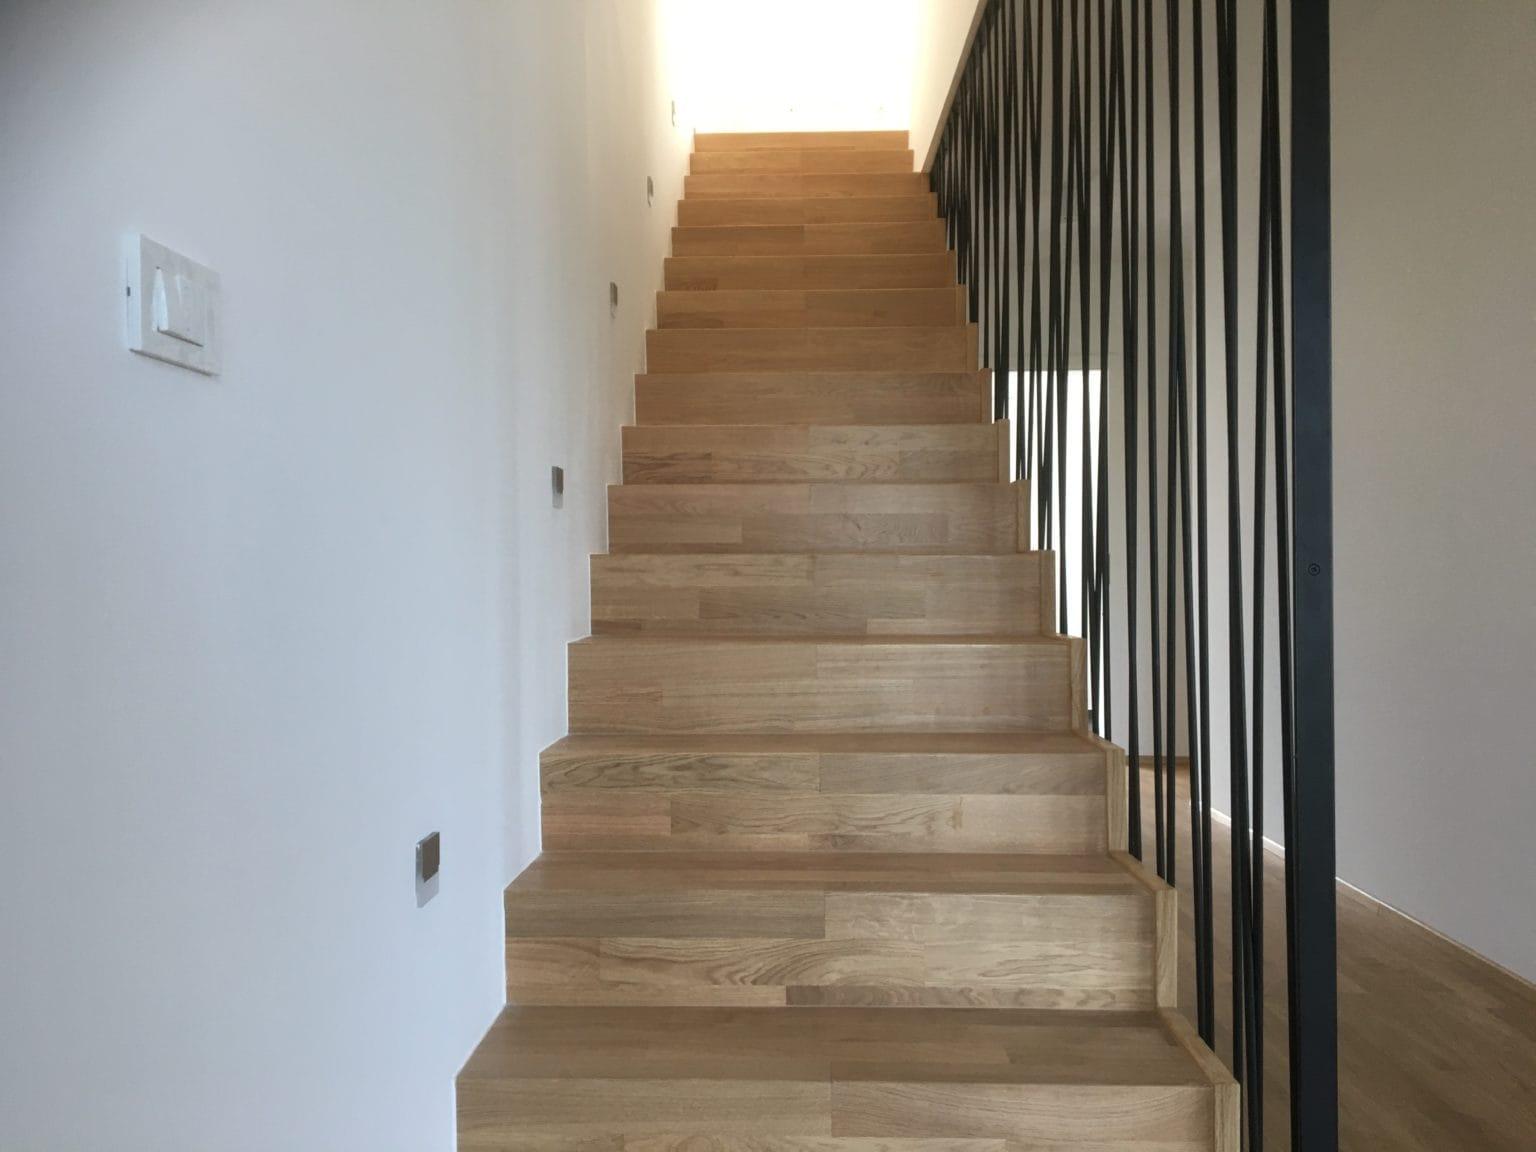 Soseska Brezje - stopnice s kovinsko ograjo